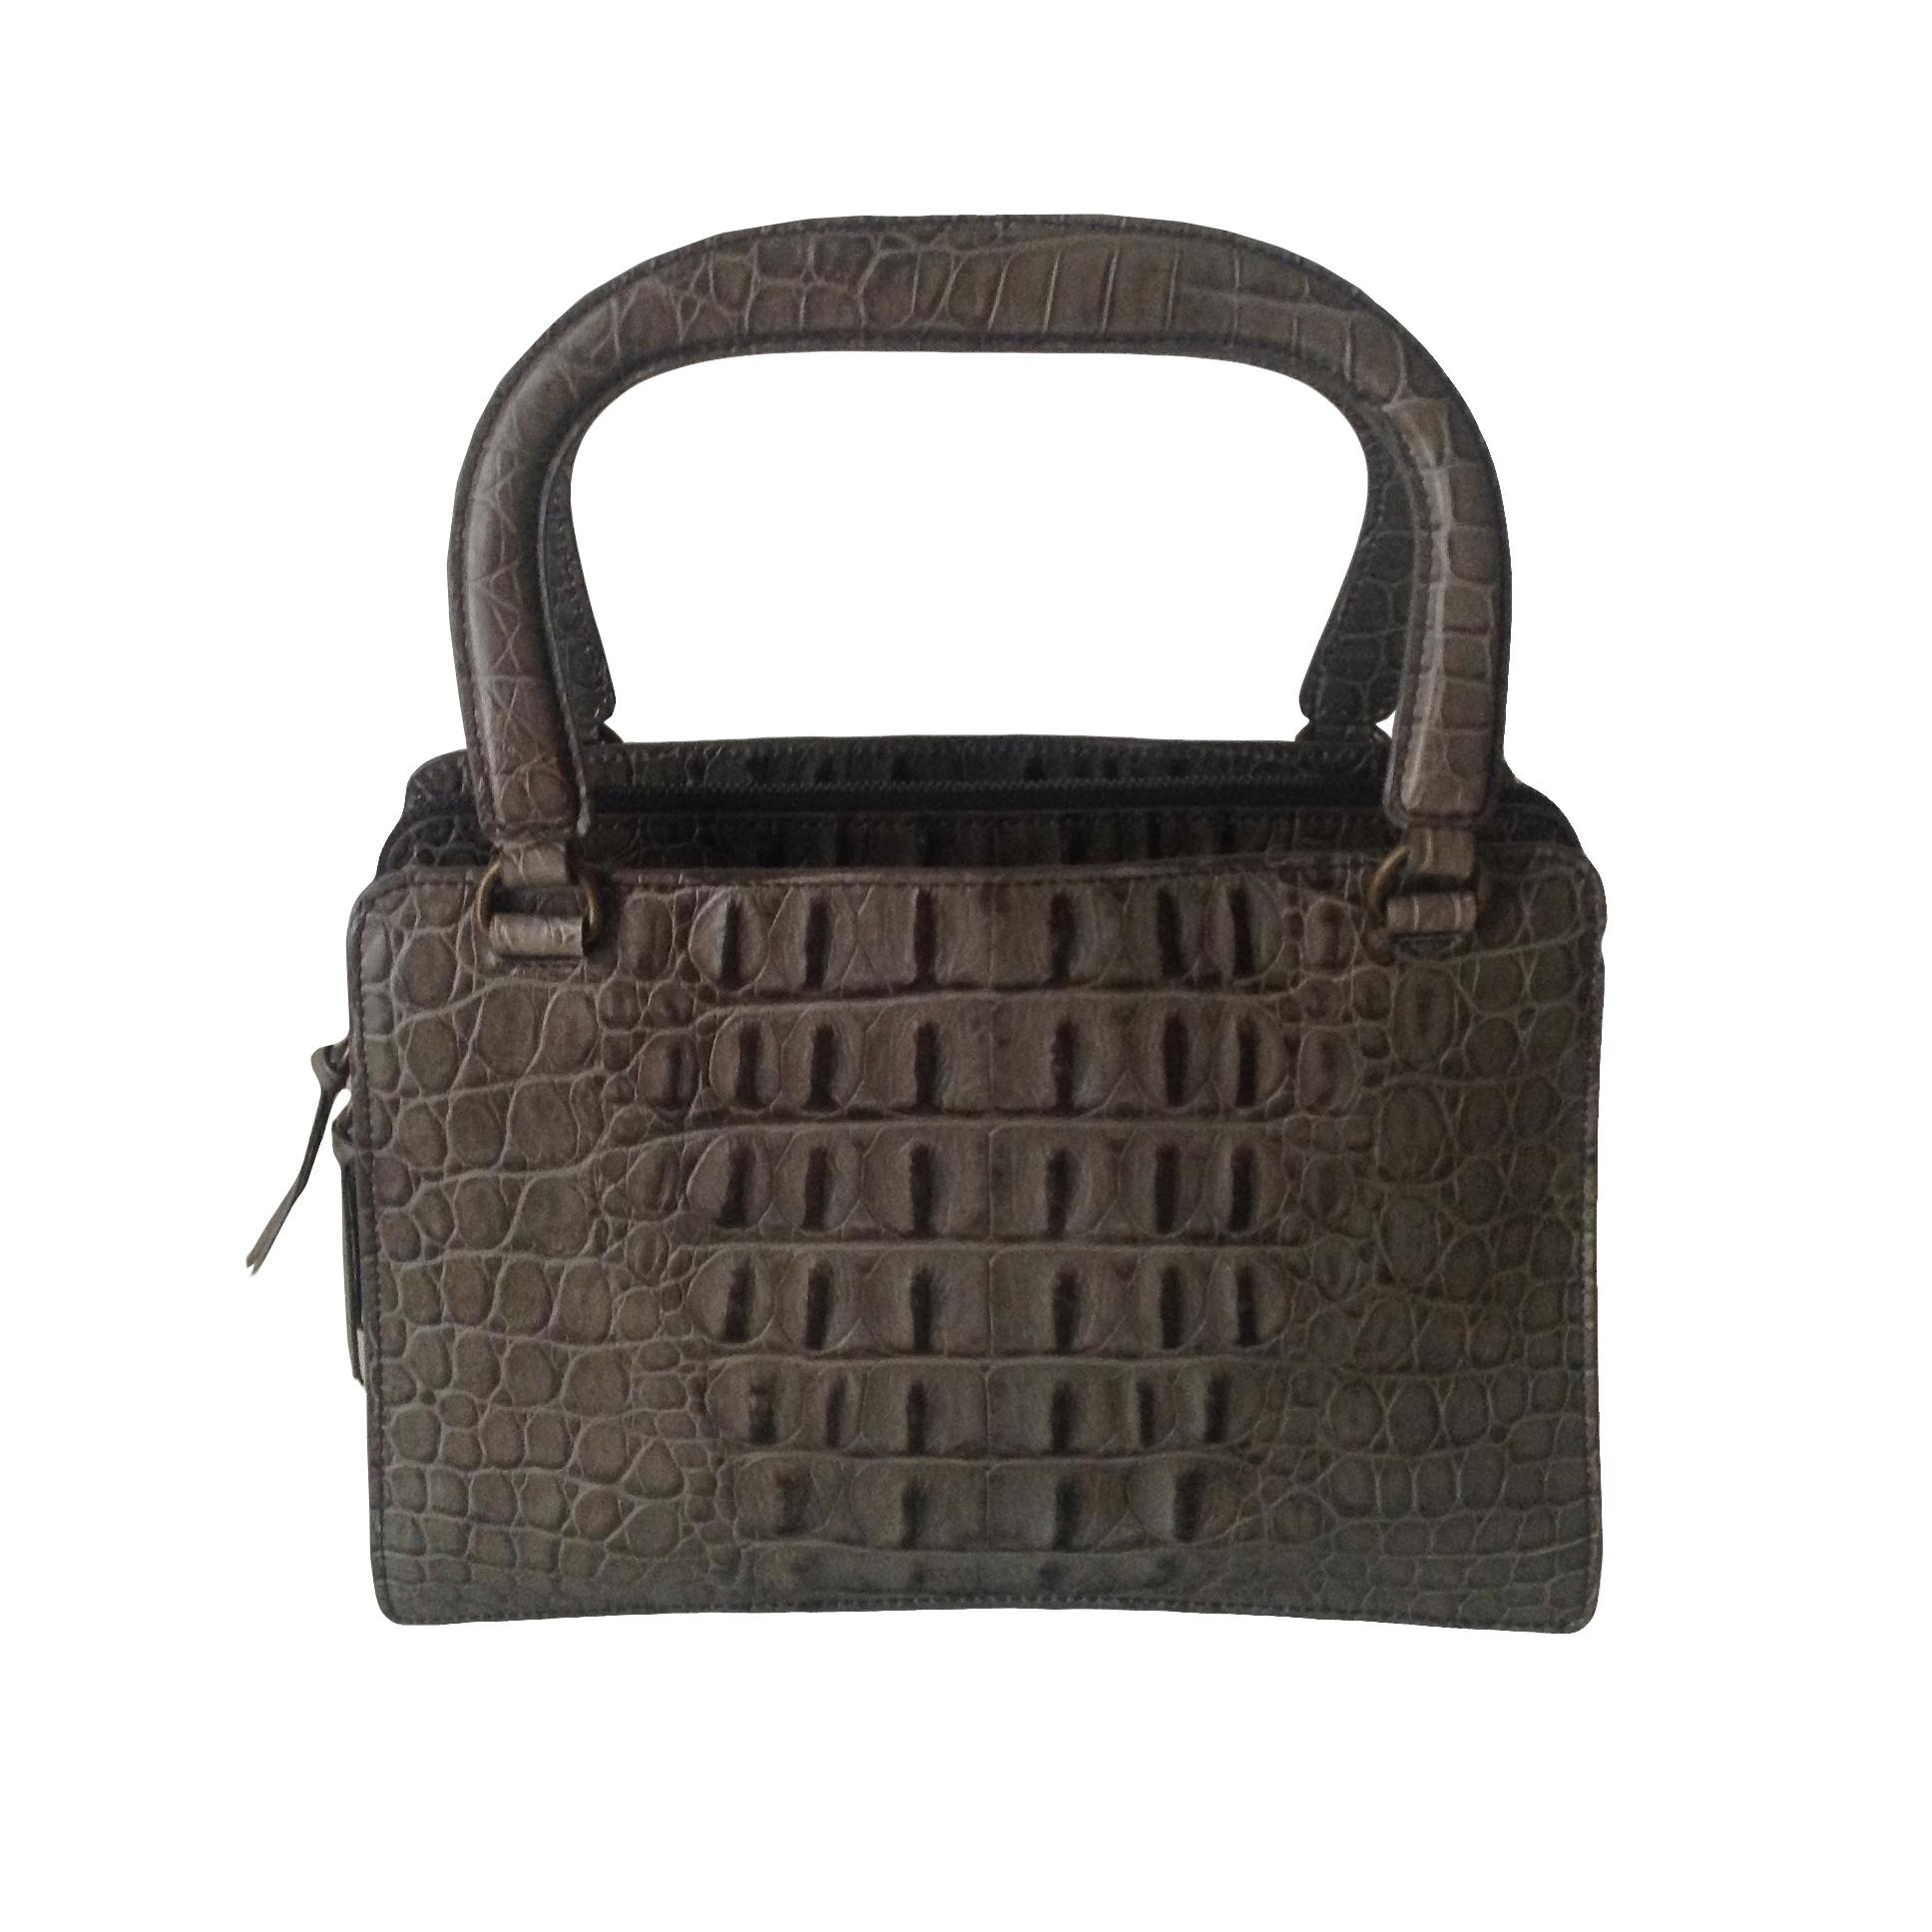 18dc7b5526c1 Miu Miu Handbag